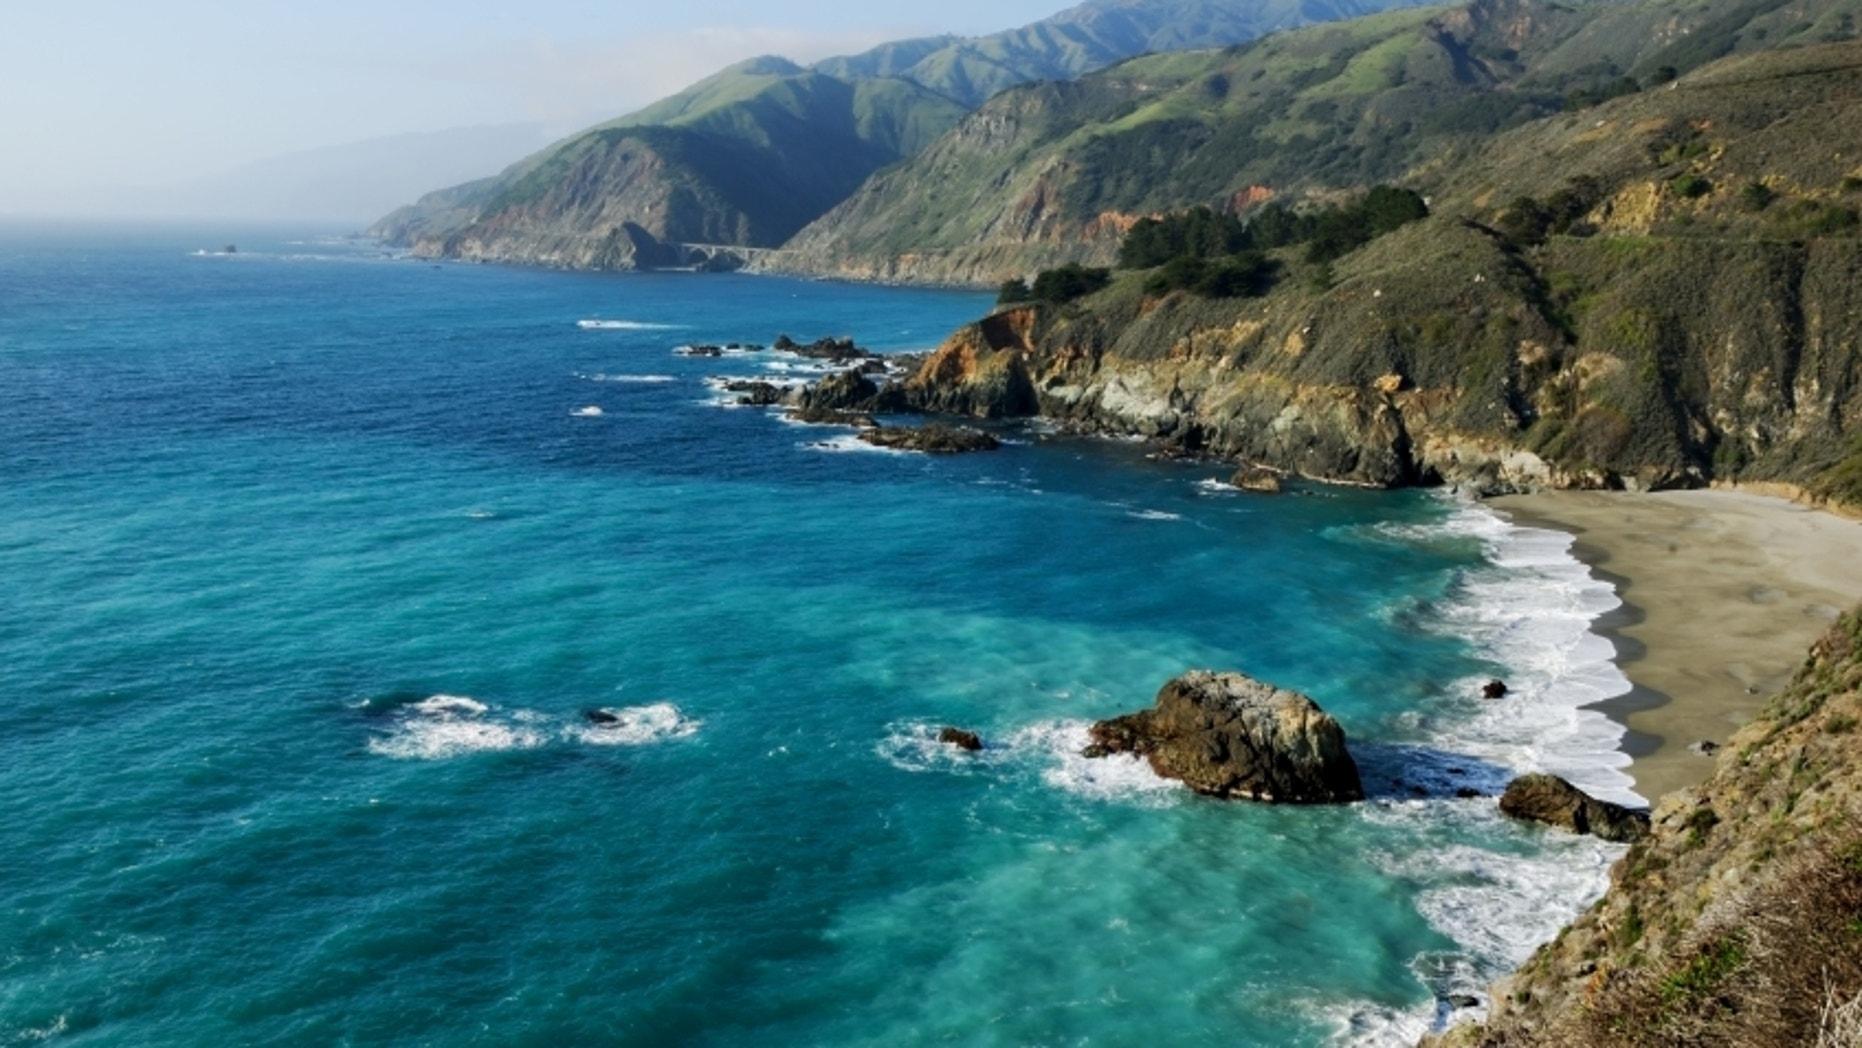 Big Sur, California coastline